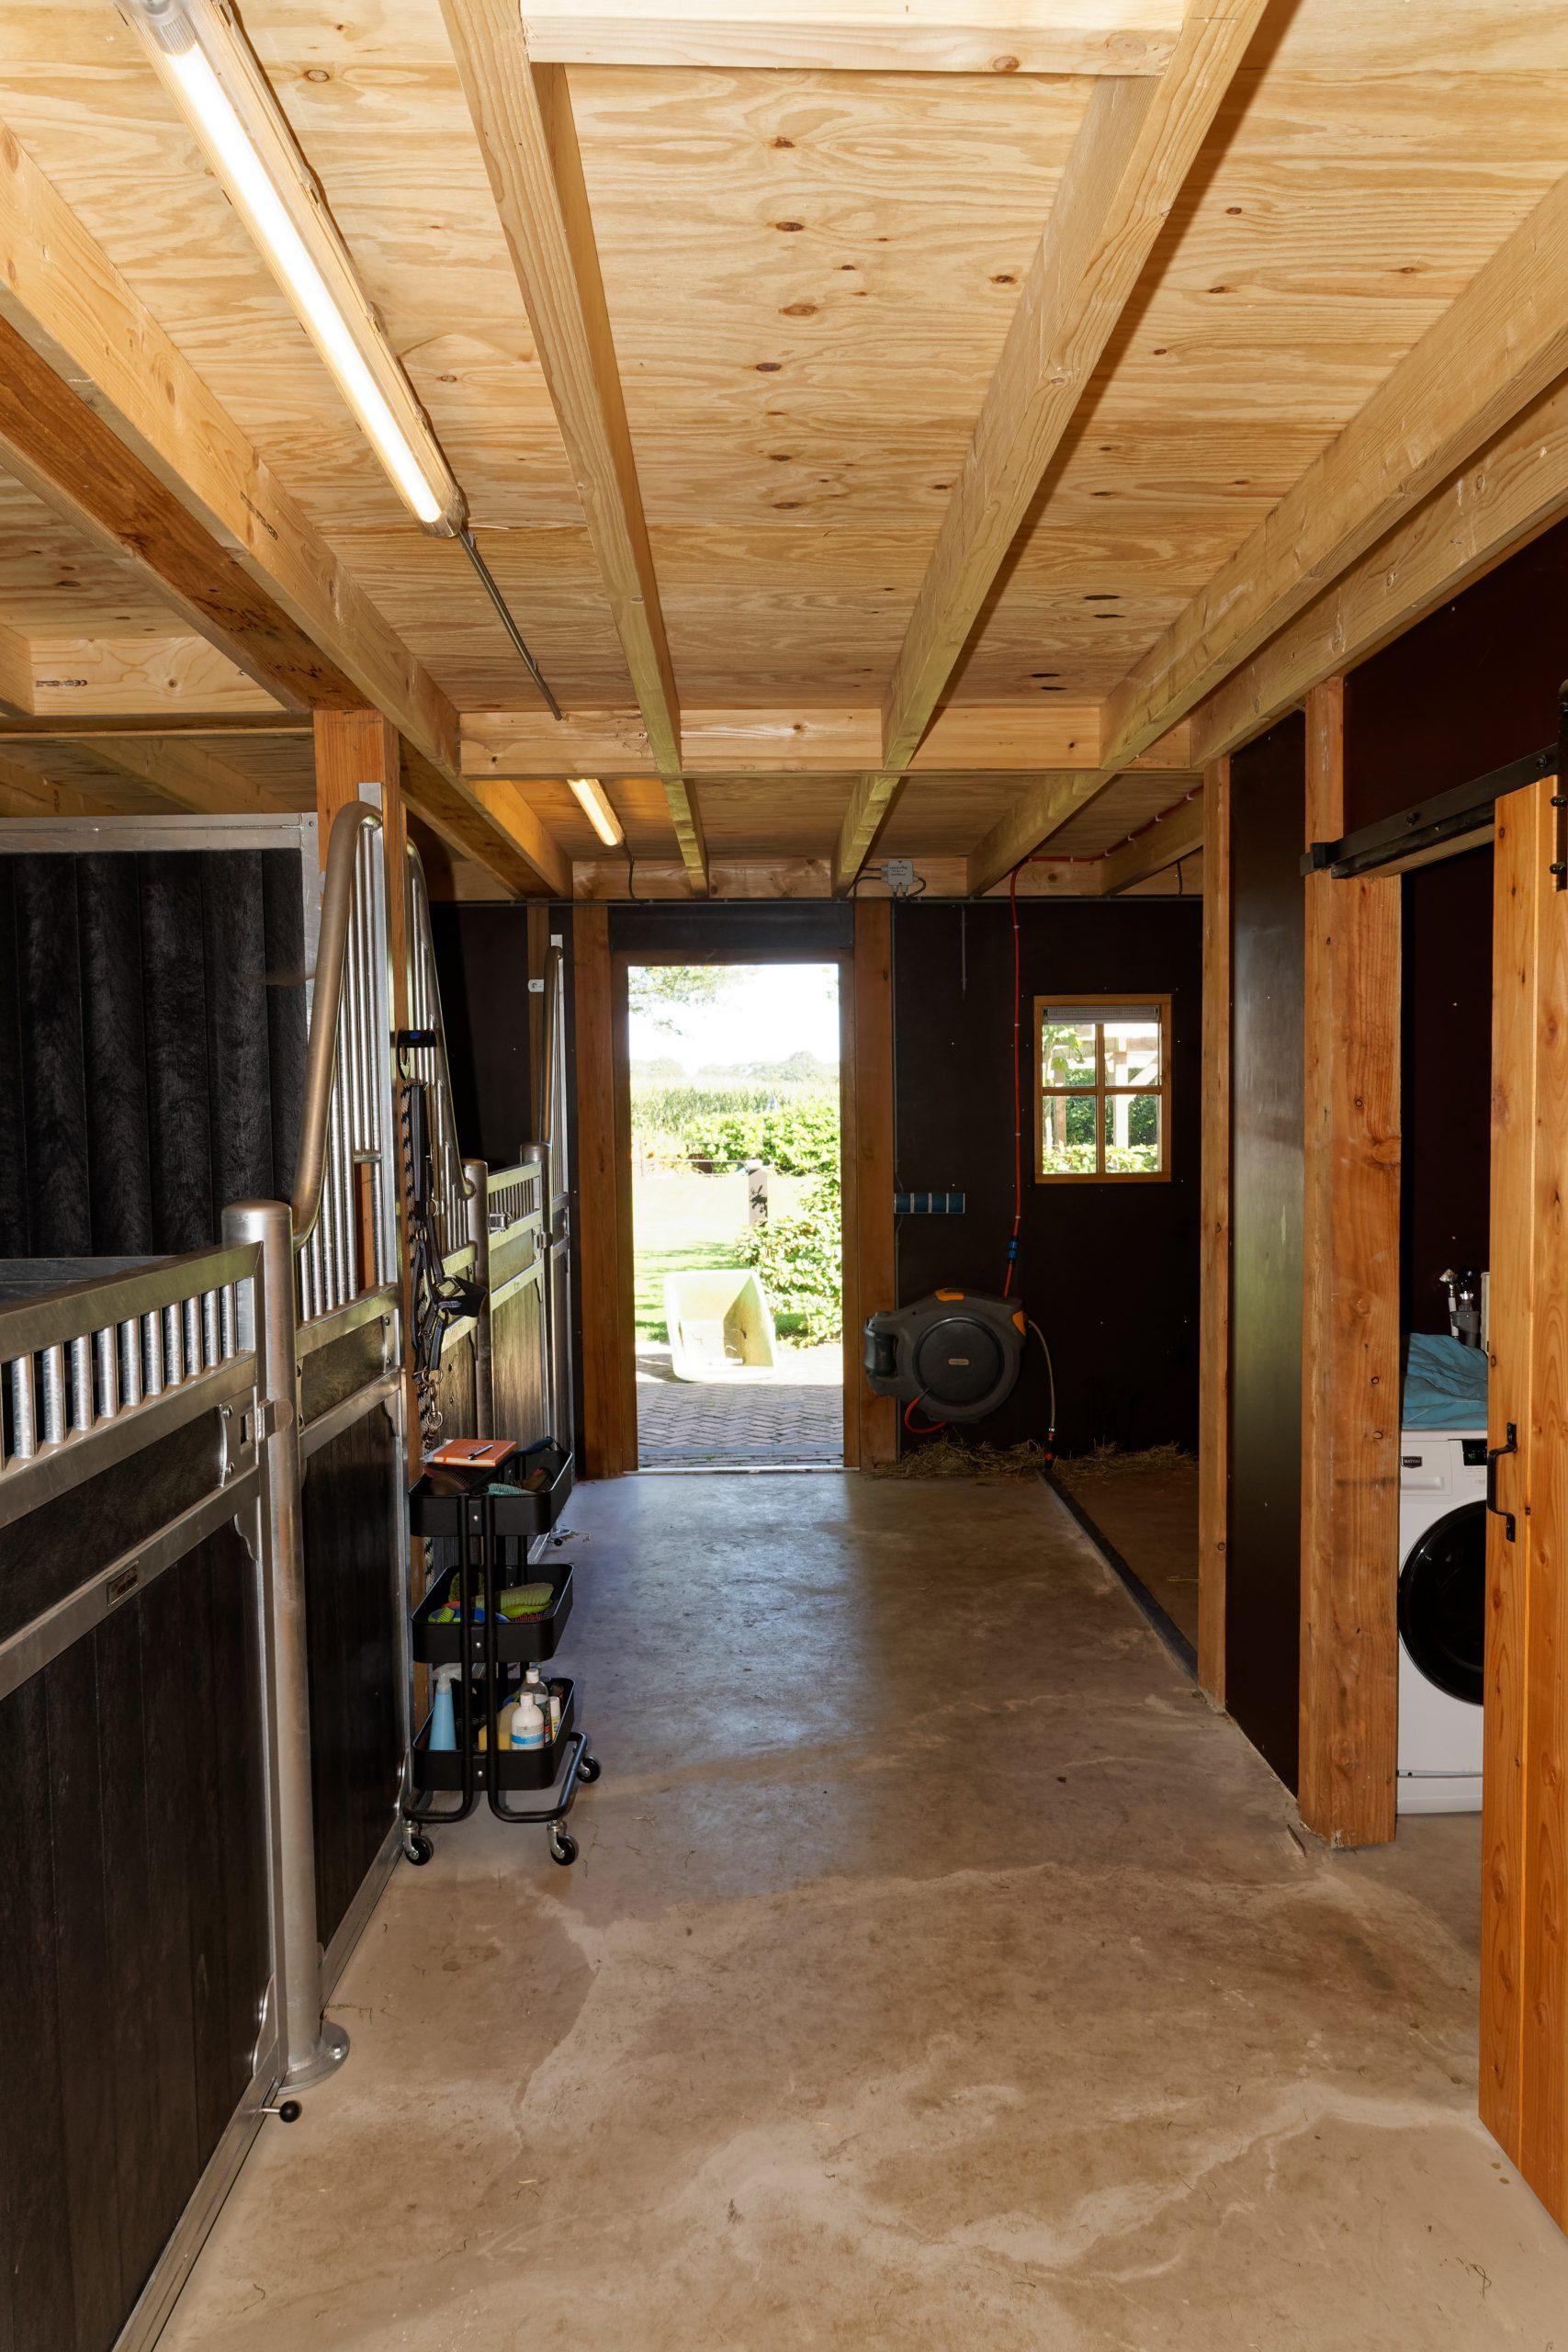 houten-schuur-met-paardenstallen-8-scaled - Project Hardenberg: Grote houten schuur met paardenstallen.